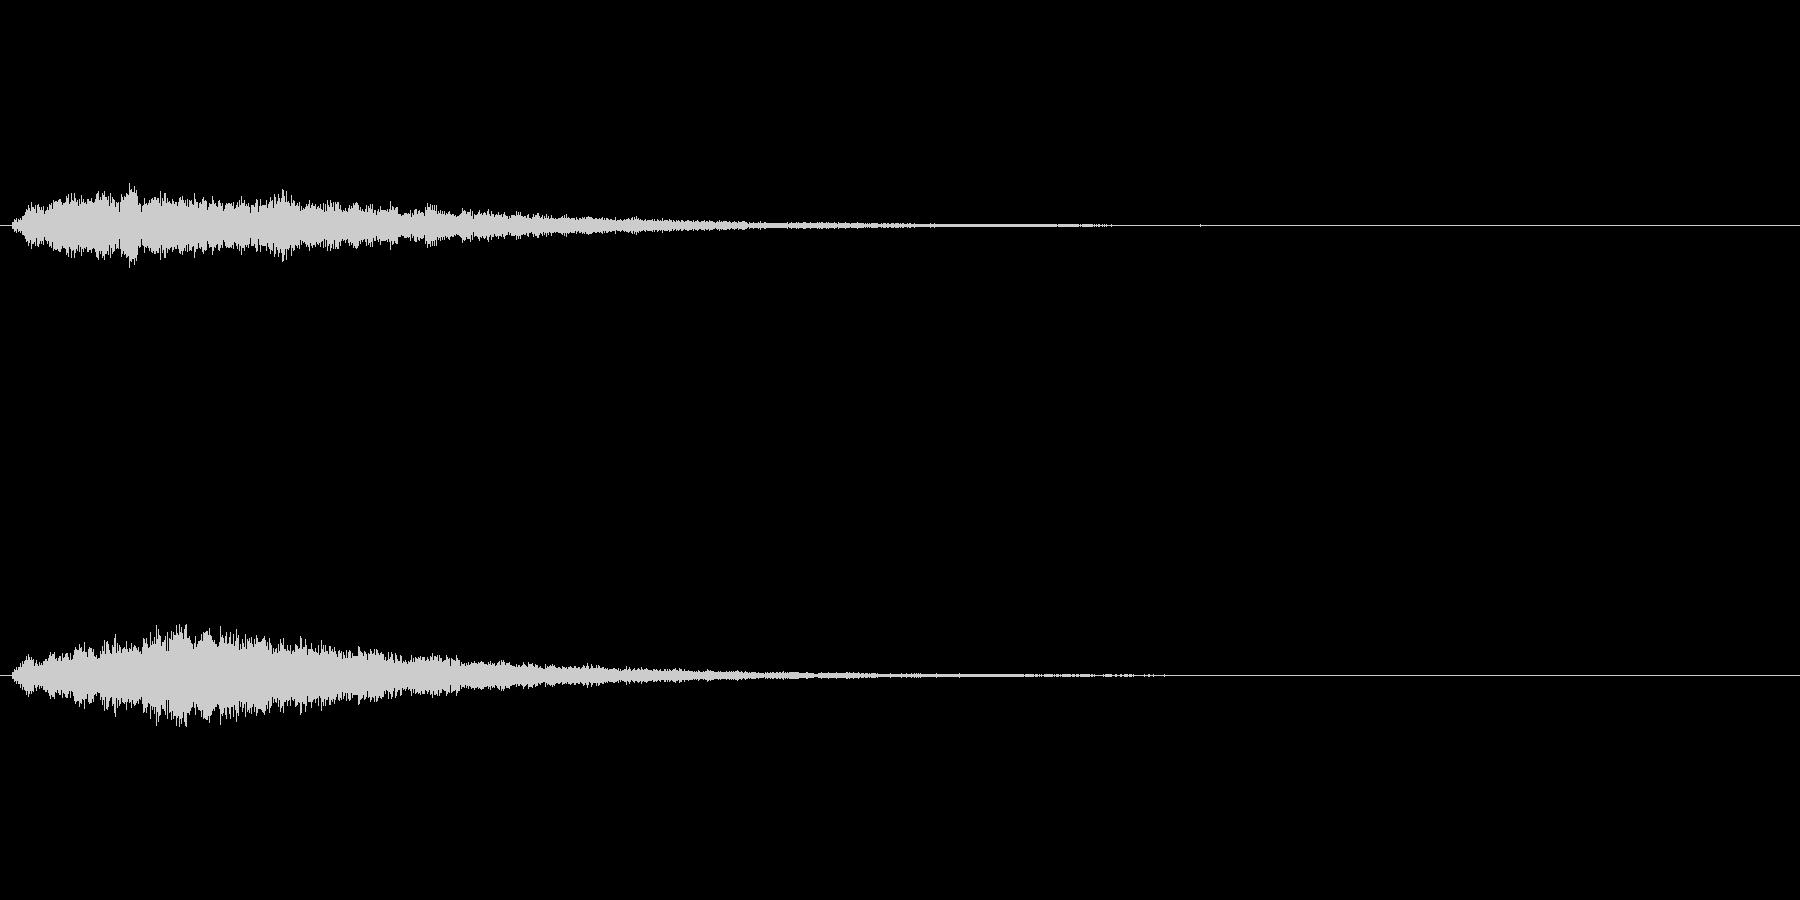 きらめく感じの ロード システムSEの未再生の波形